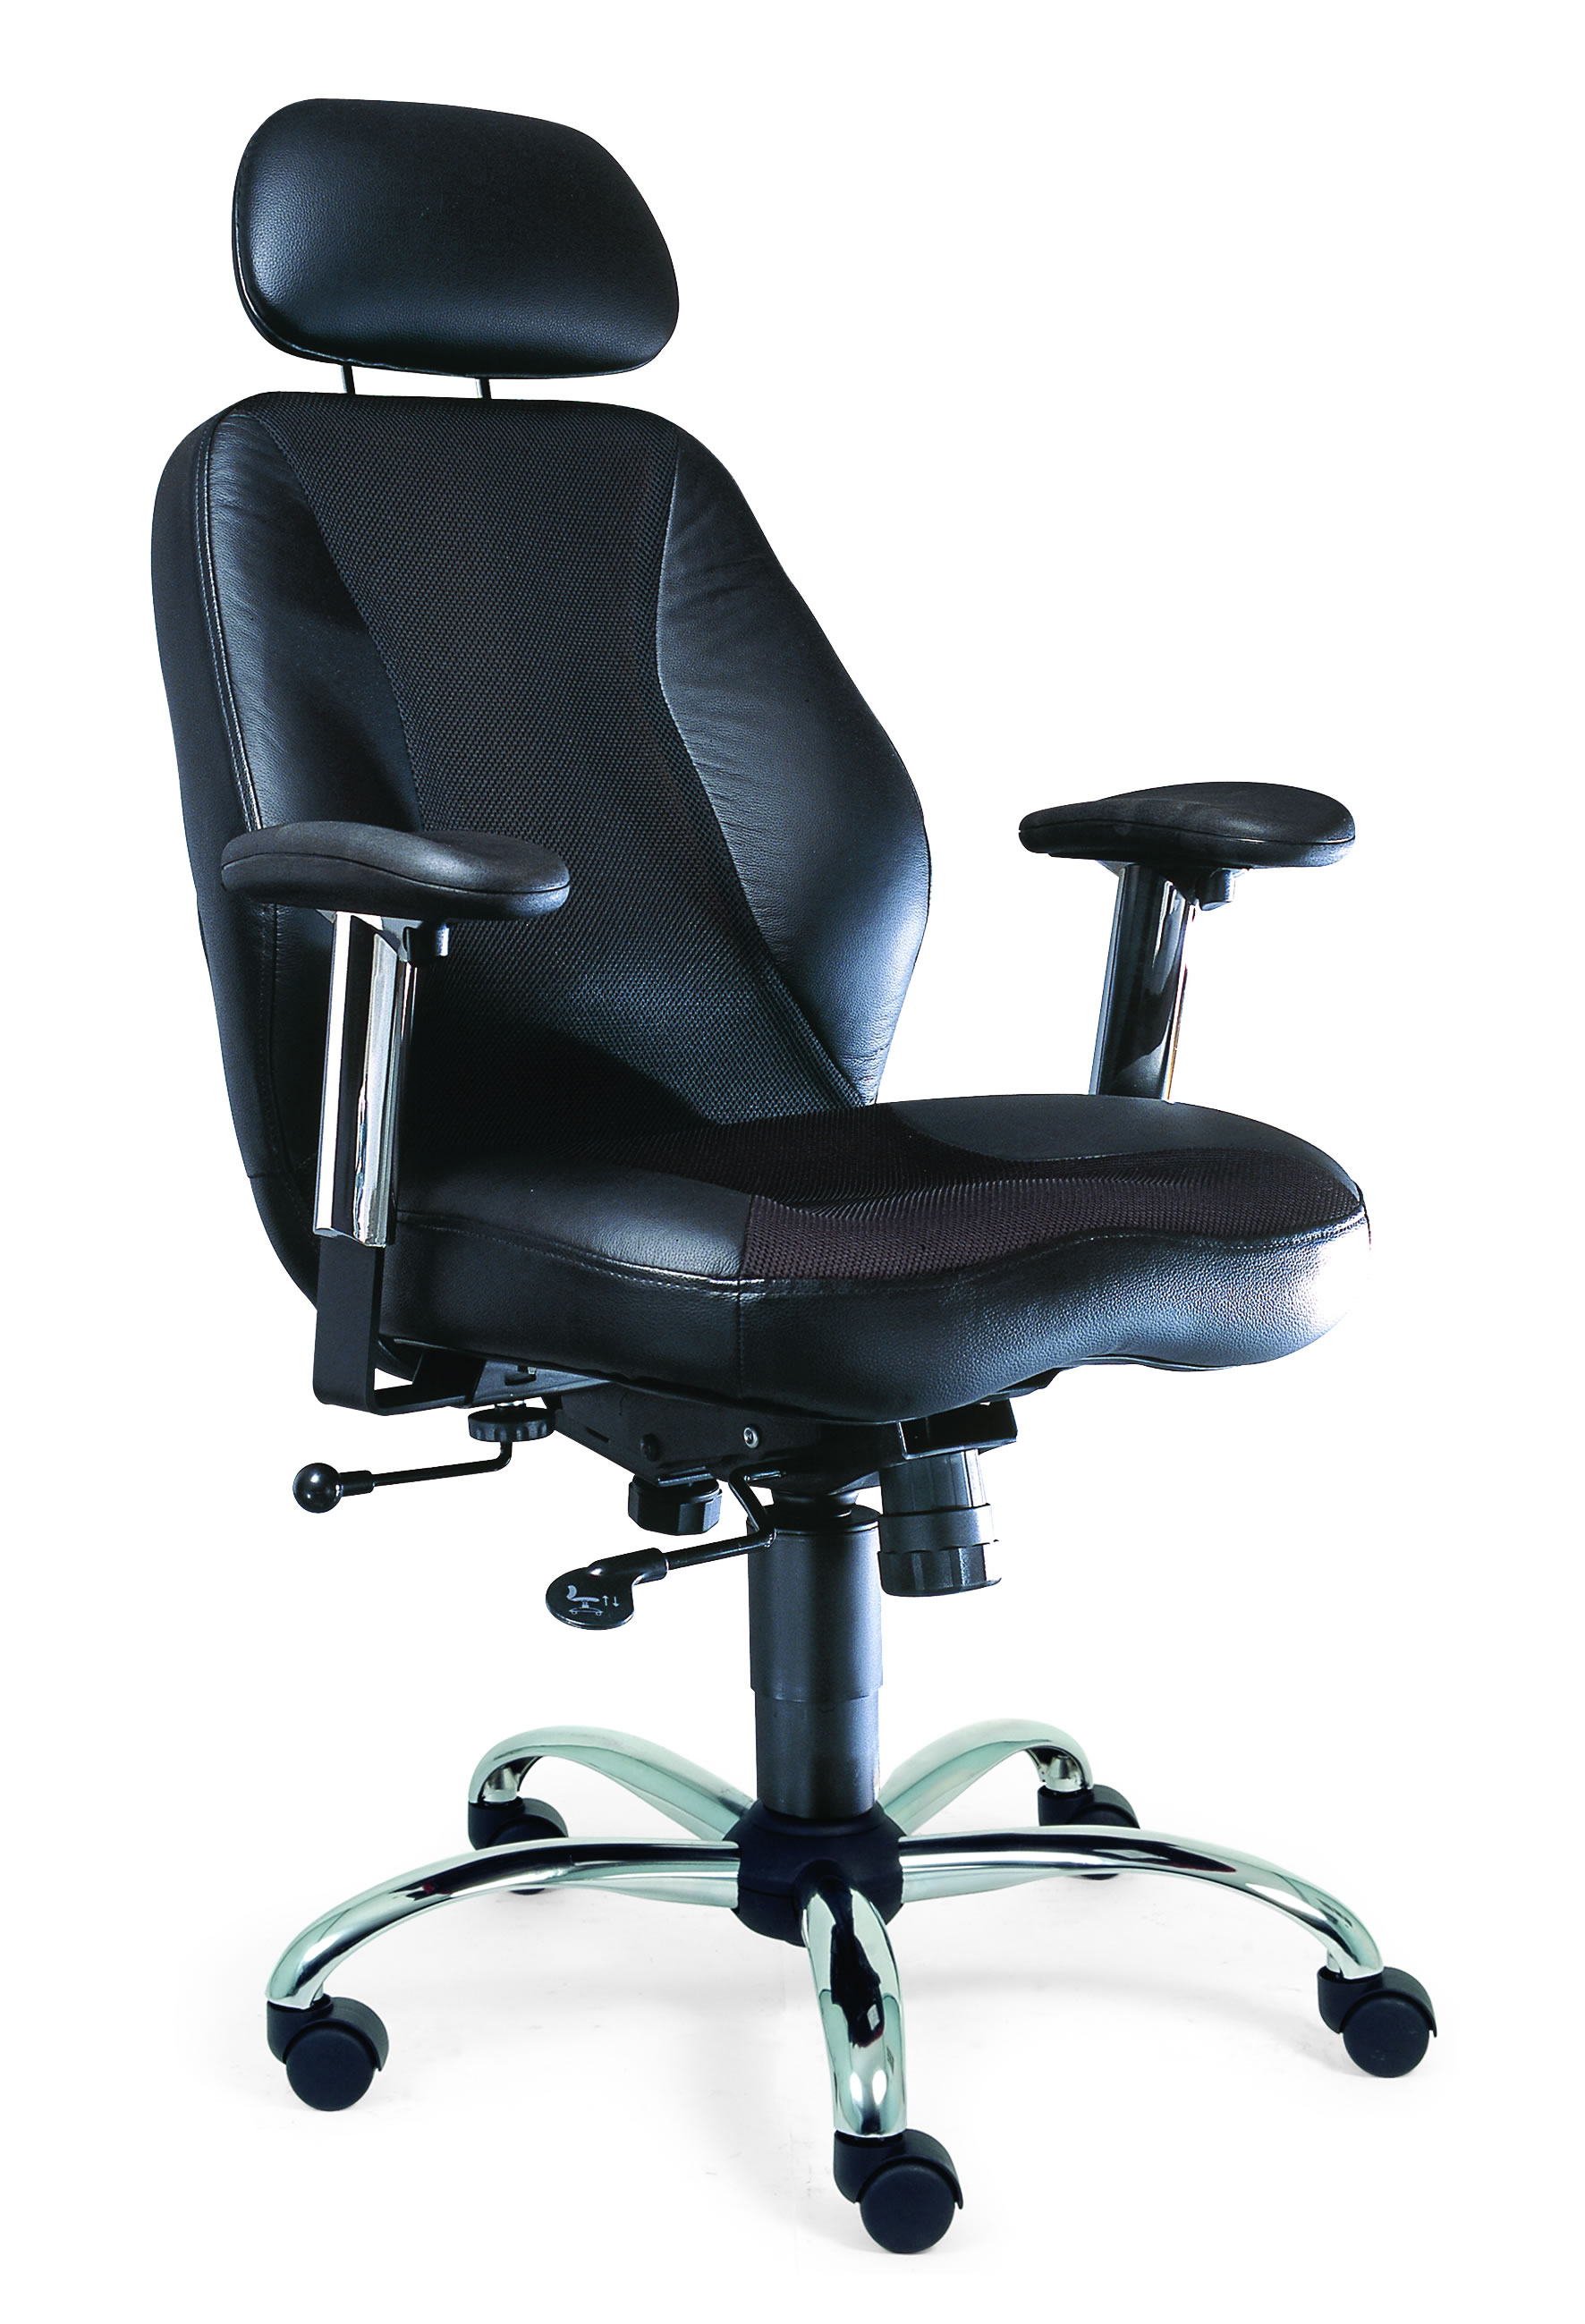 Muebles para oficina sillas requiez for Muebles de oficina sarmiento 1400